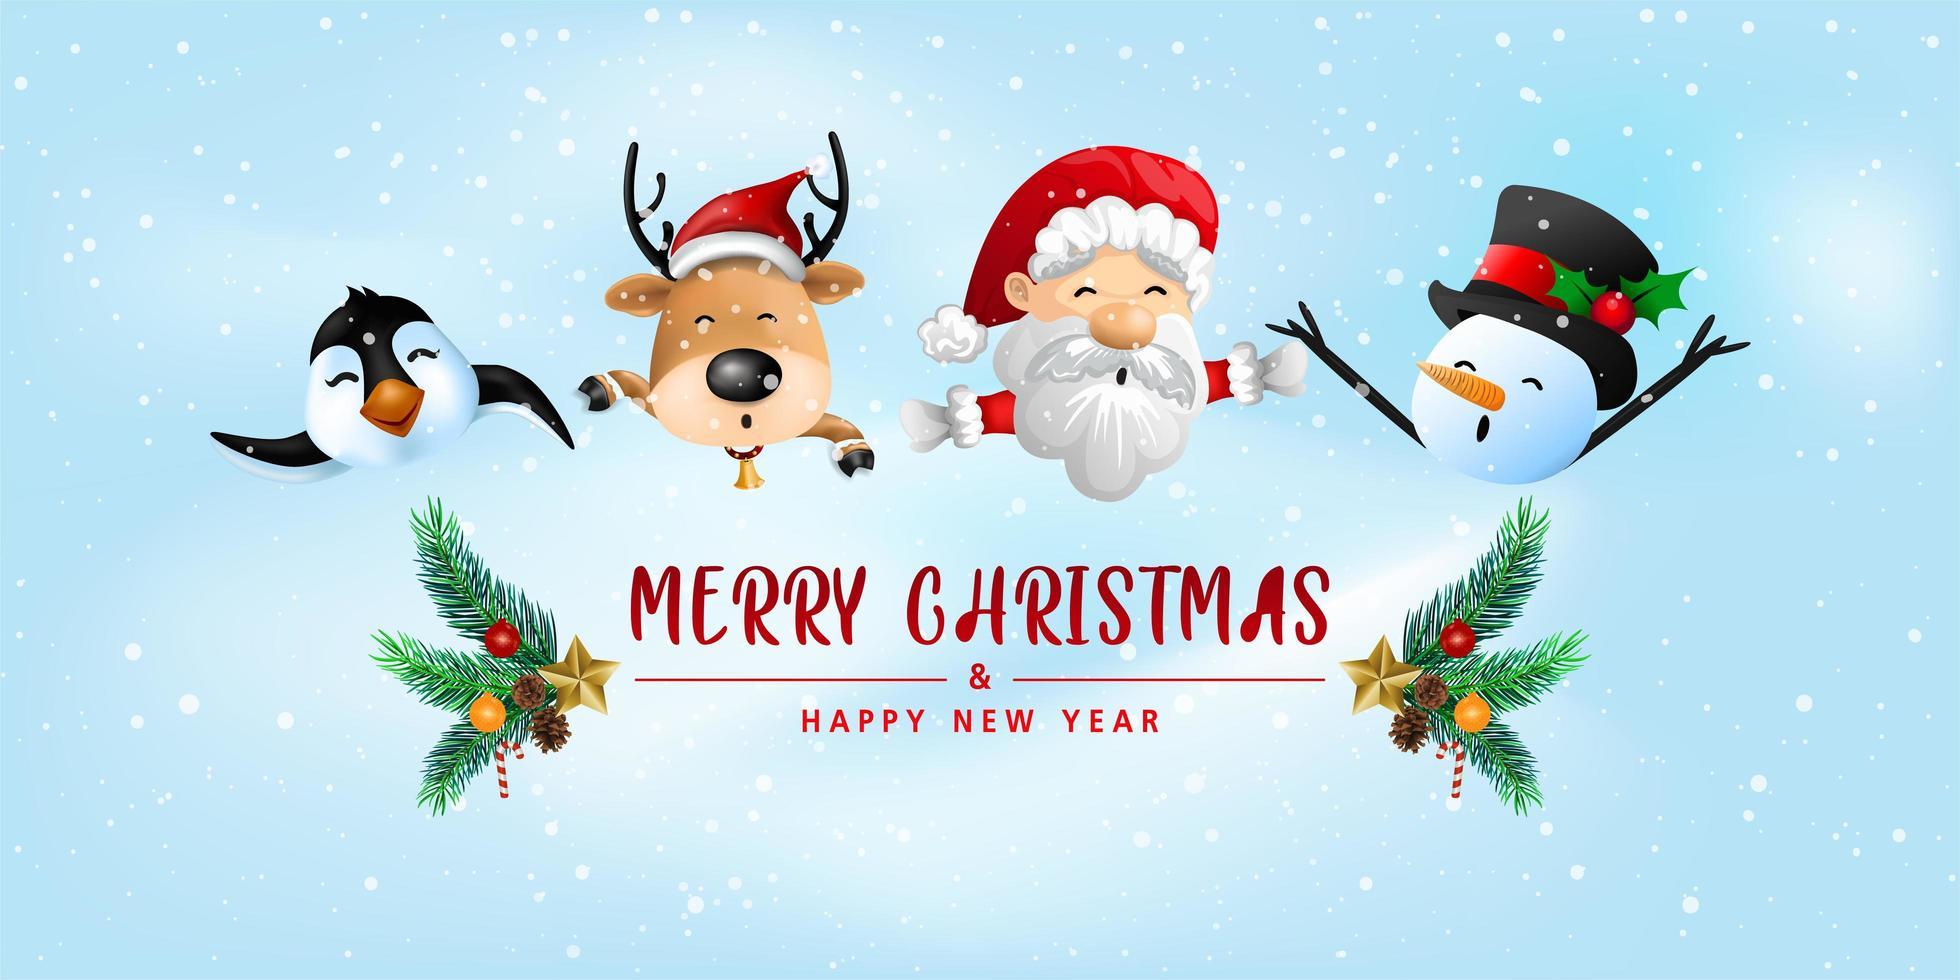 Carte De Voeux Joyeux Noel Drole Telecharger Vectoriel Gratuit Clipart Graphique Vecteur Dessins Et Pictogramme Gratuit